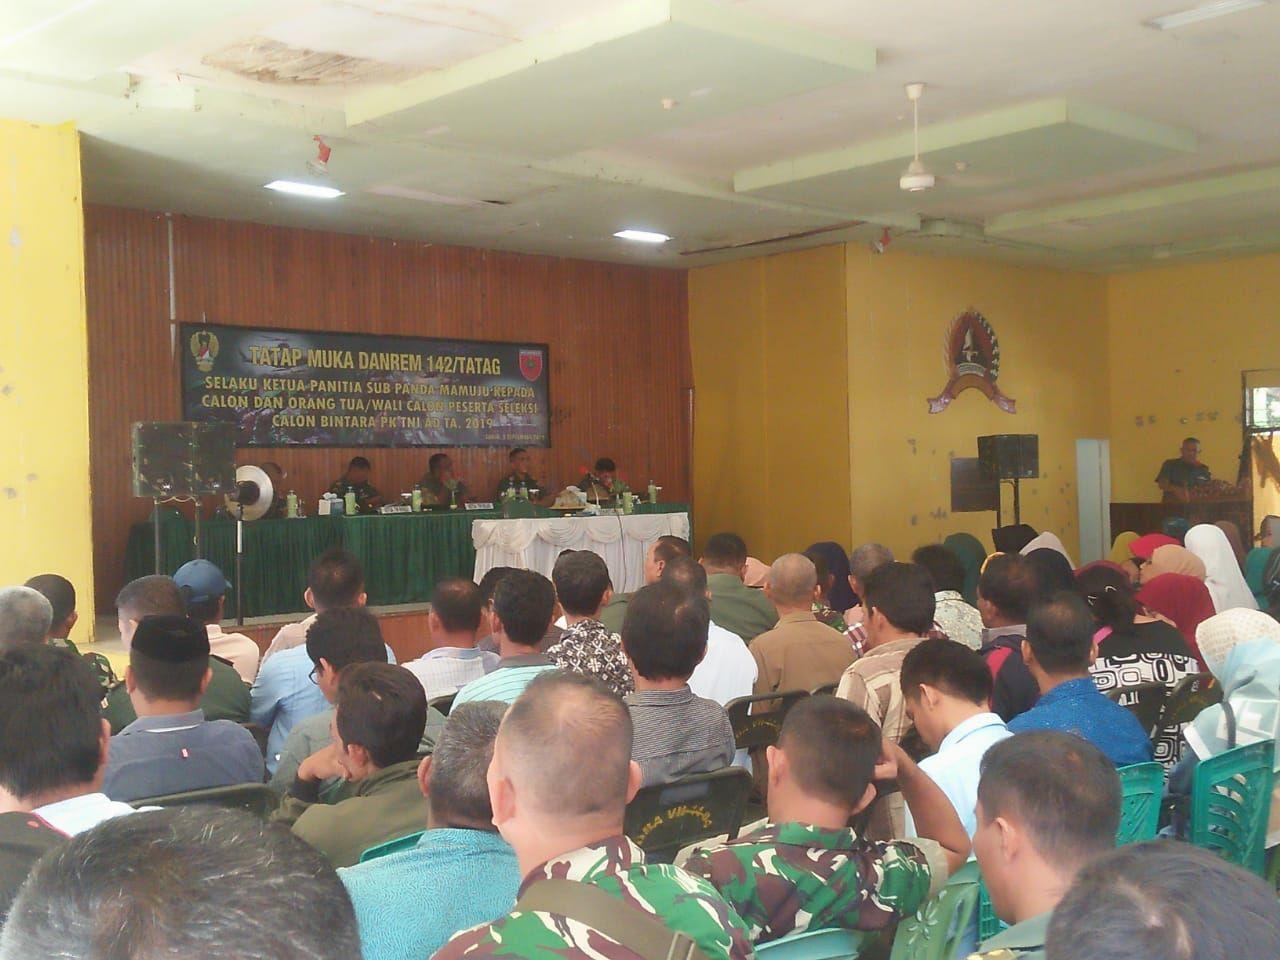 DANREM 142/TATAG TATAP MUKA DENGAN ORANG TUA CALON PESERTA SECABA PK TNI - AD